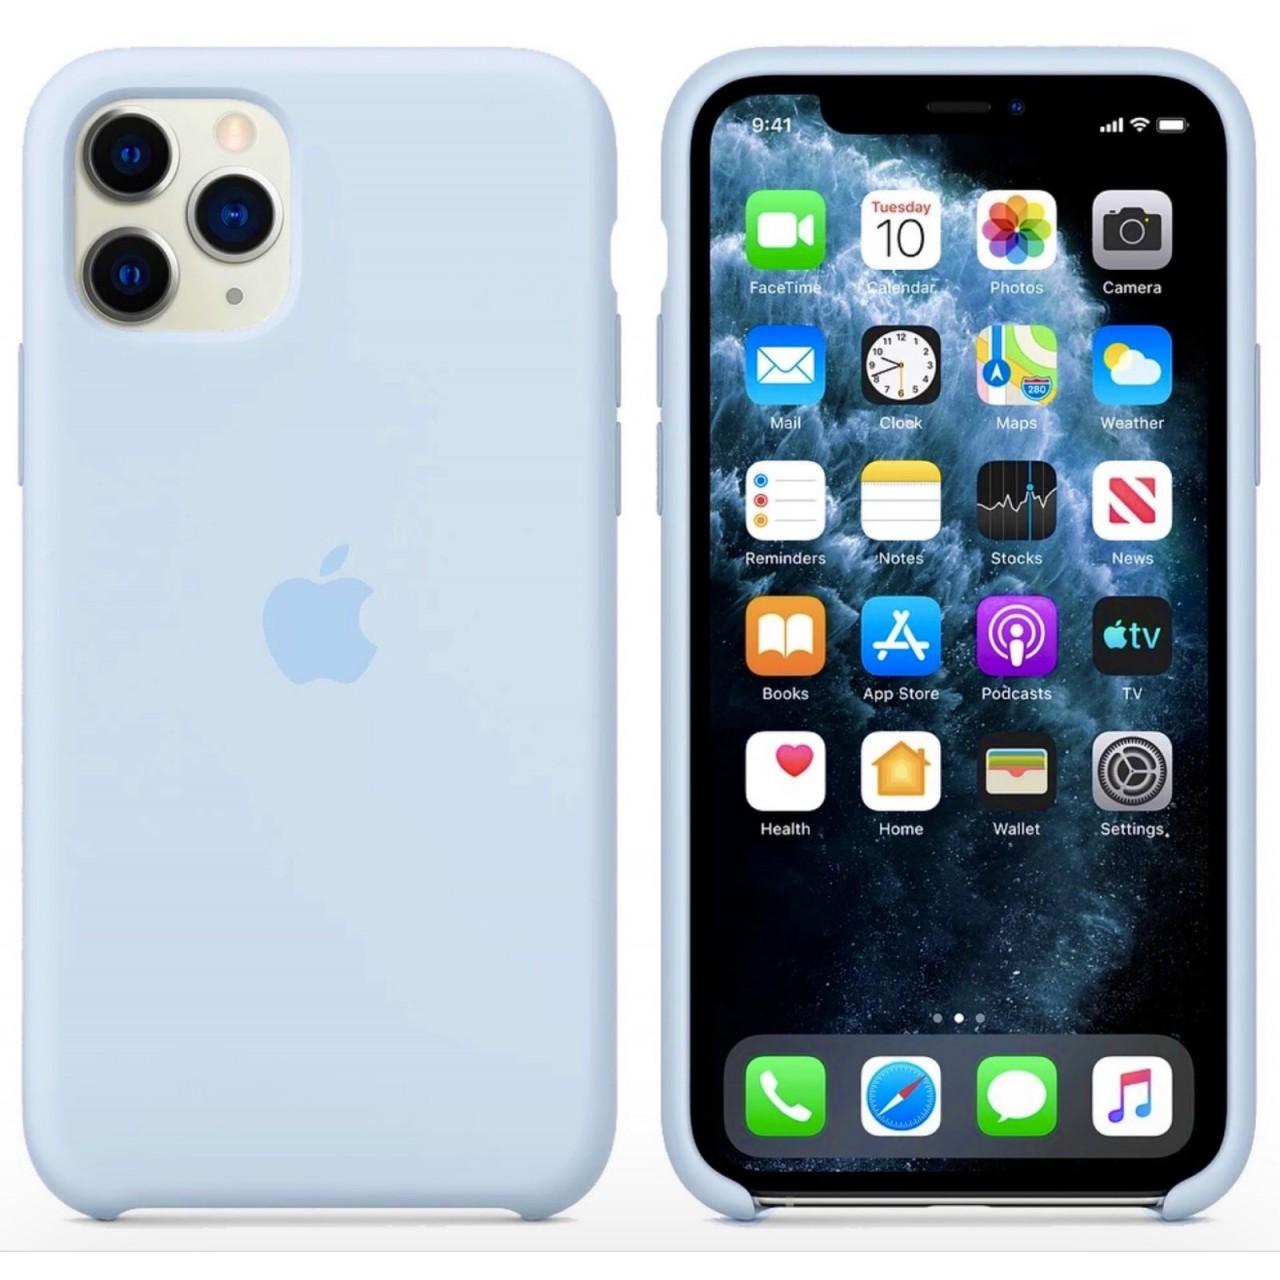 ΘΗΚΗ ΠΡΟΣΤΑΣΙΑΣ ΣΙΛΙΚΟΝΗΣ ΓΙΑ iPhone 11 PRO ΓΑΛΑΖΙΟ ΤΟΥ ΟΥΡΑΝΟΥ - BACK COVER SILICON CASE SKY BLUE - OEM